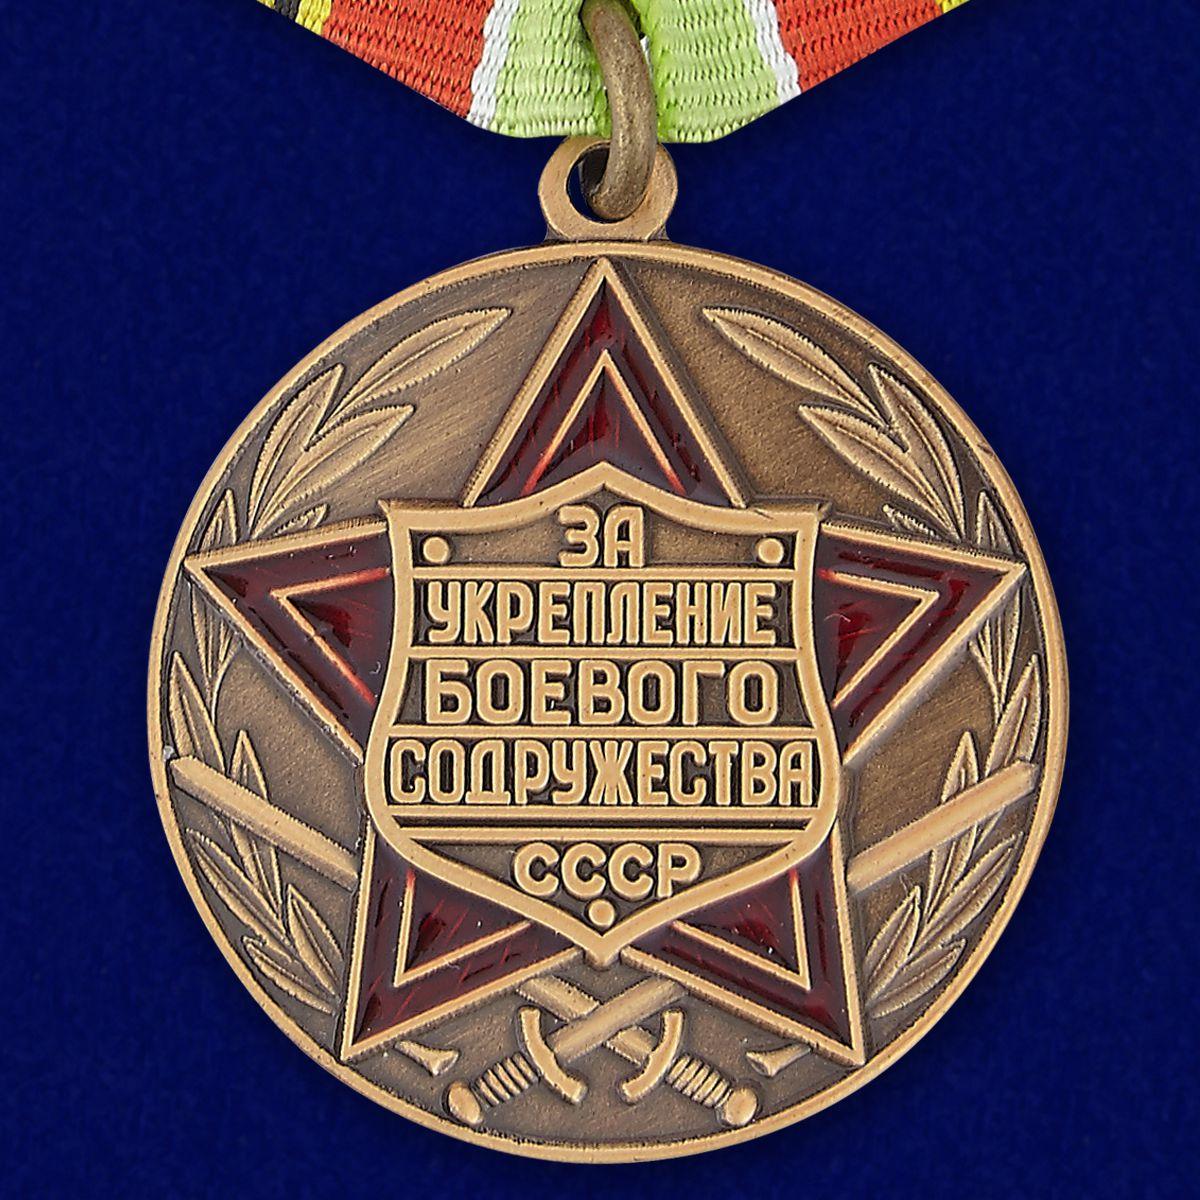 Аверс медали «За укрепление боевого содружества» (СССР)